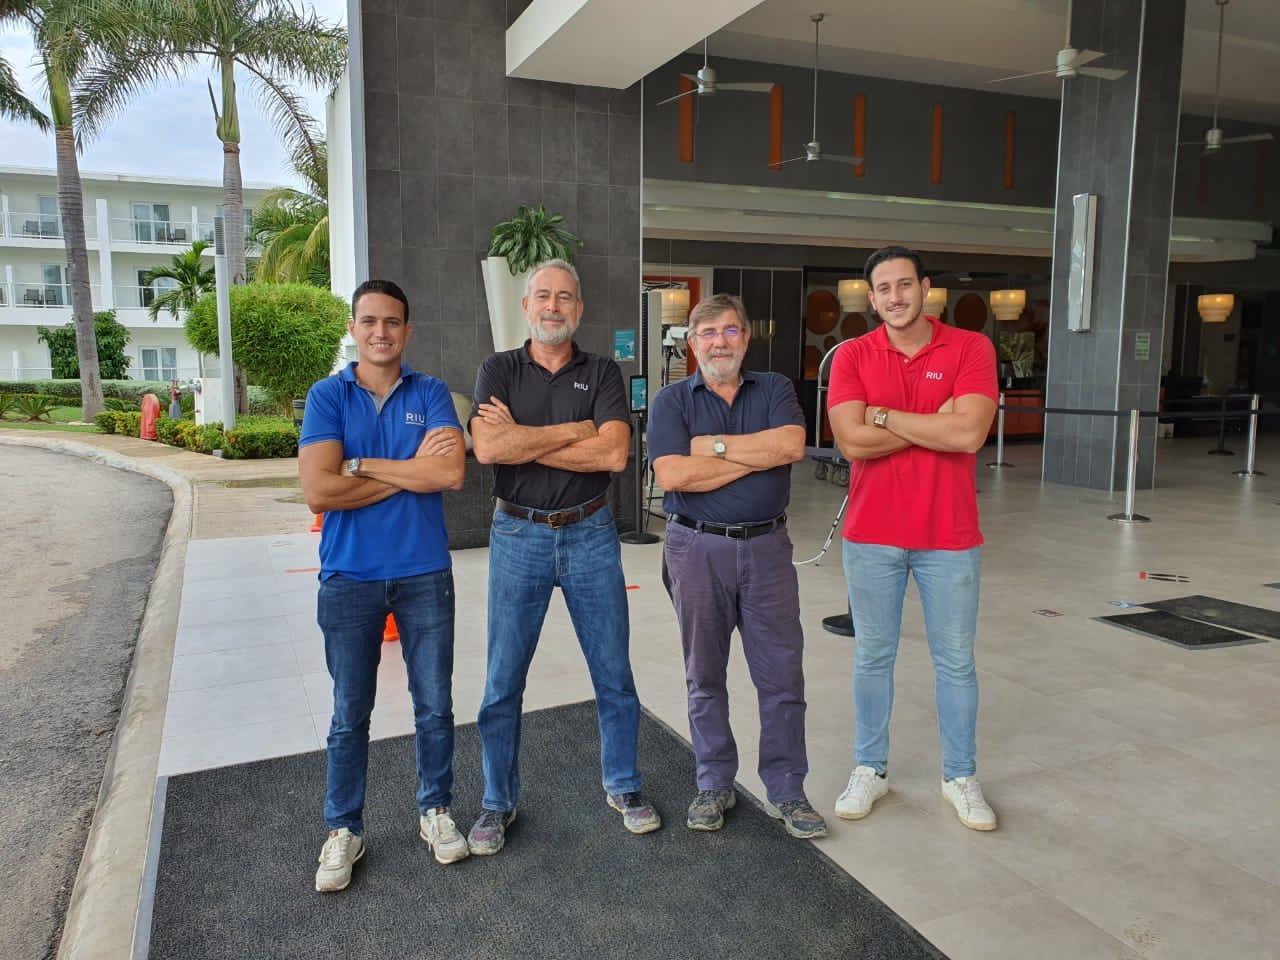 Luis Riu, CEO de RIU Hotels & Resorts, con sus hijos Luis y Roberto, y el jefe de Operaciones de RIU en Jamaica, Alejandro Sánchez